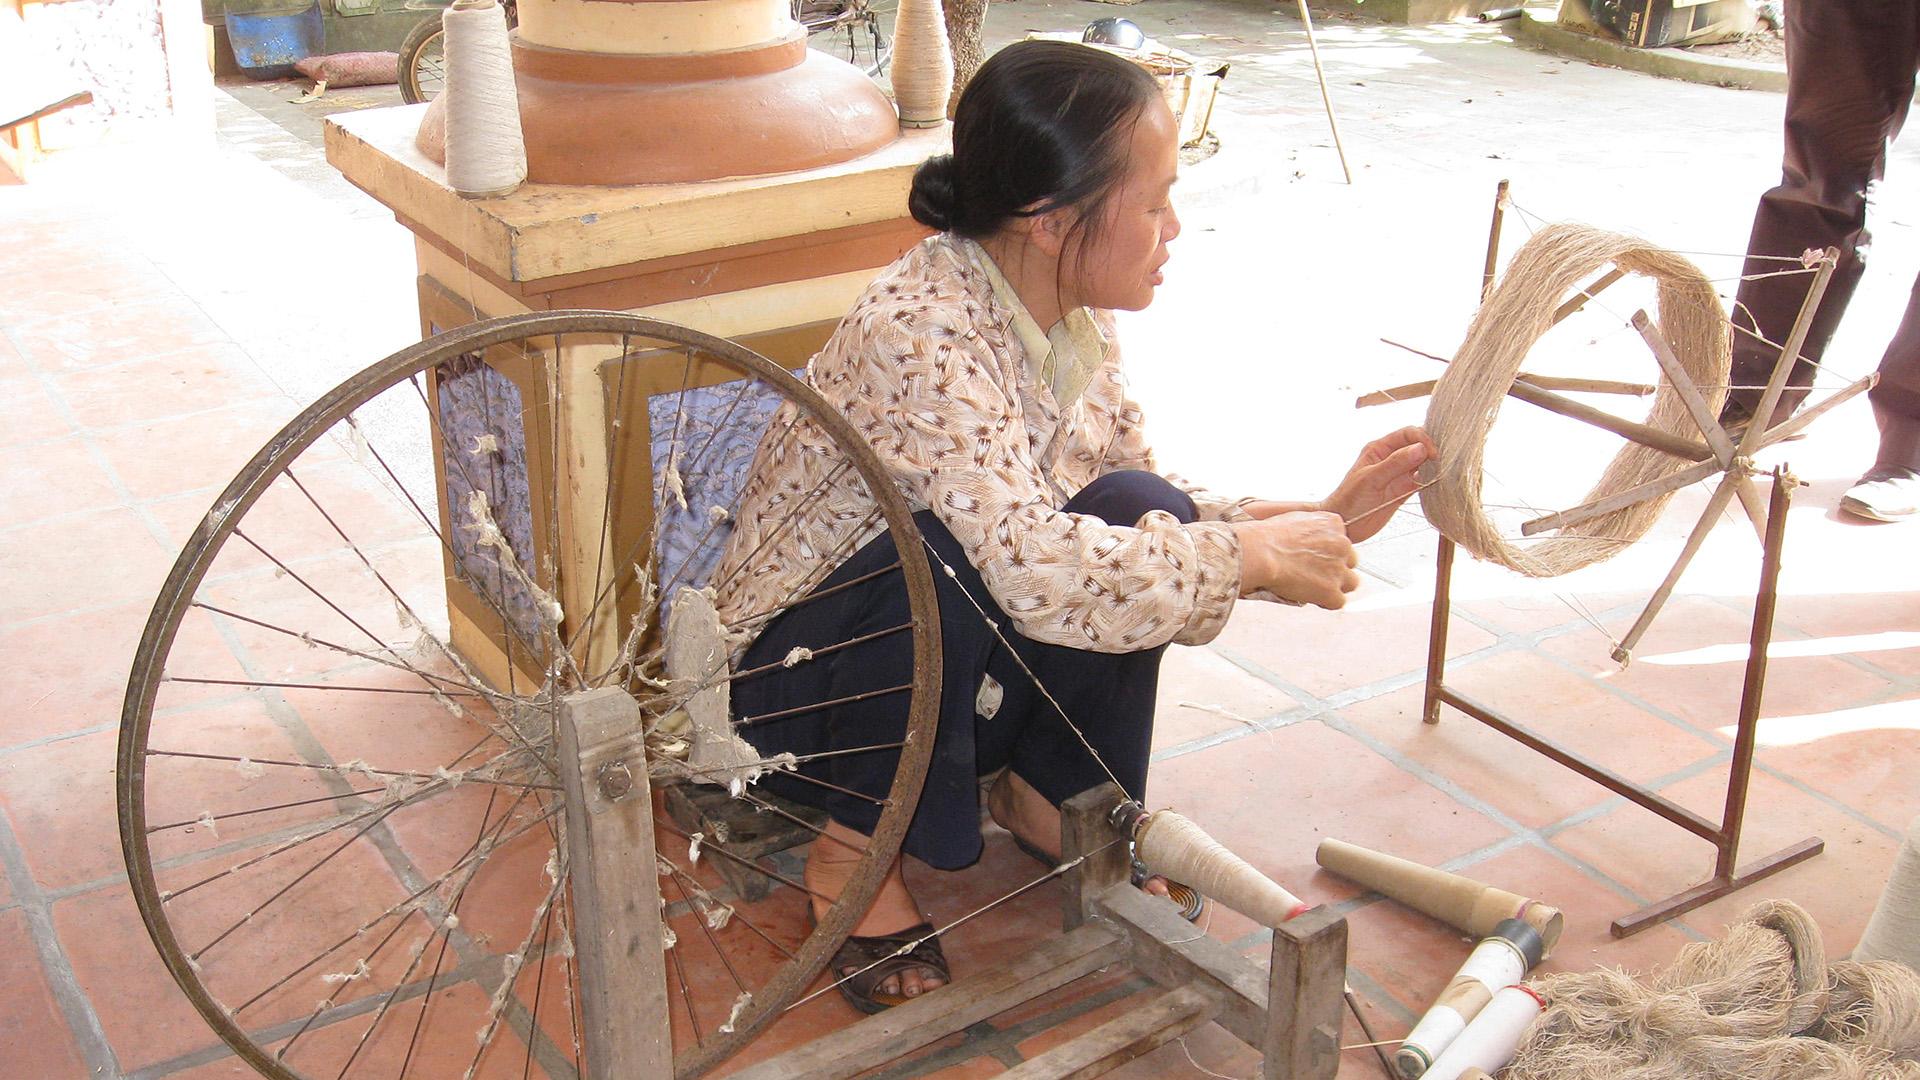 Unter den Handwerkerinnen und Handwerkern, die für Craft Link in Vietnam arbeiten, sind Mitglieder ethnischer Minderheiten. Außerdem arbeiten hier Menschen mit Behinderungen.